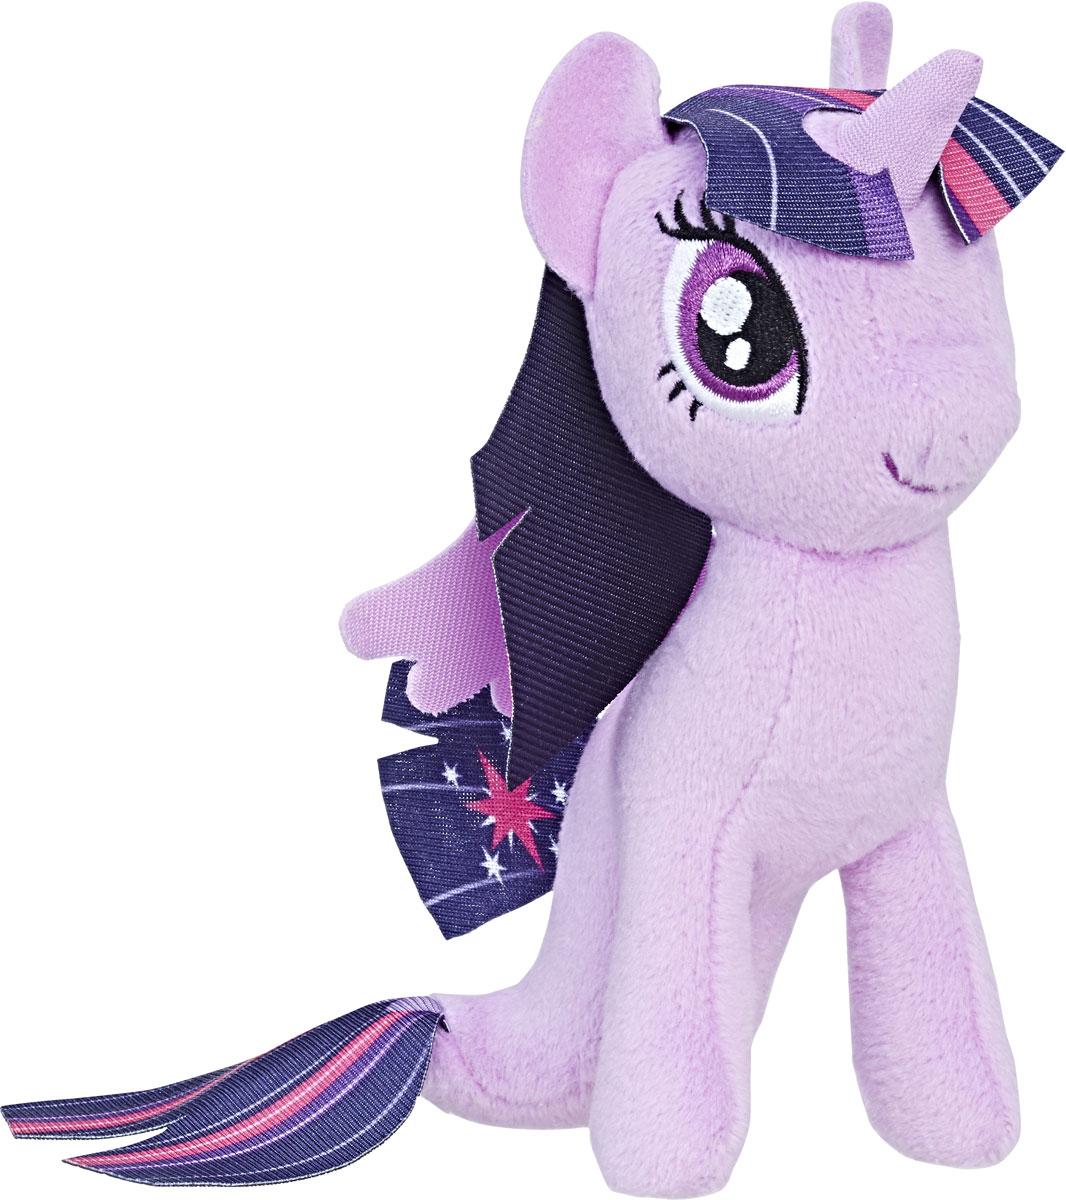 My Little Pony Мягкая игрушка Сумеречная Искорка 13 см my little pony мягкая игрушка брелок пони искорка